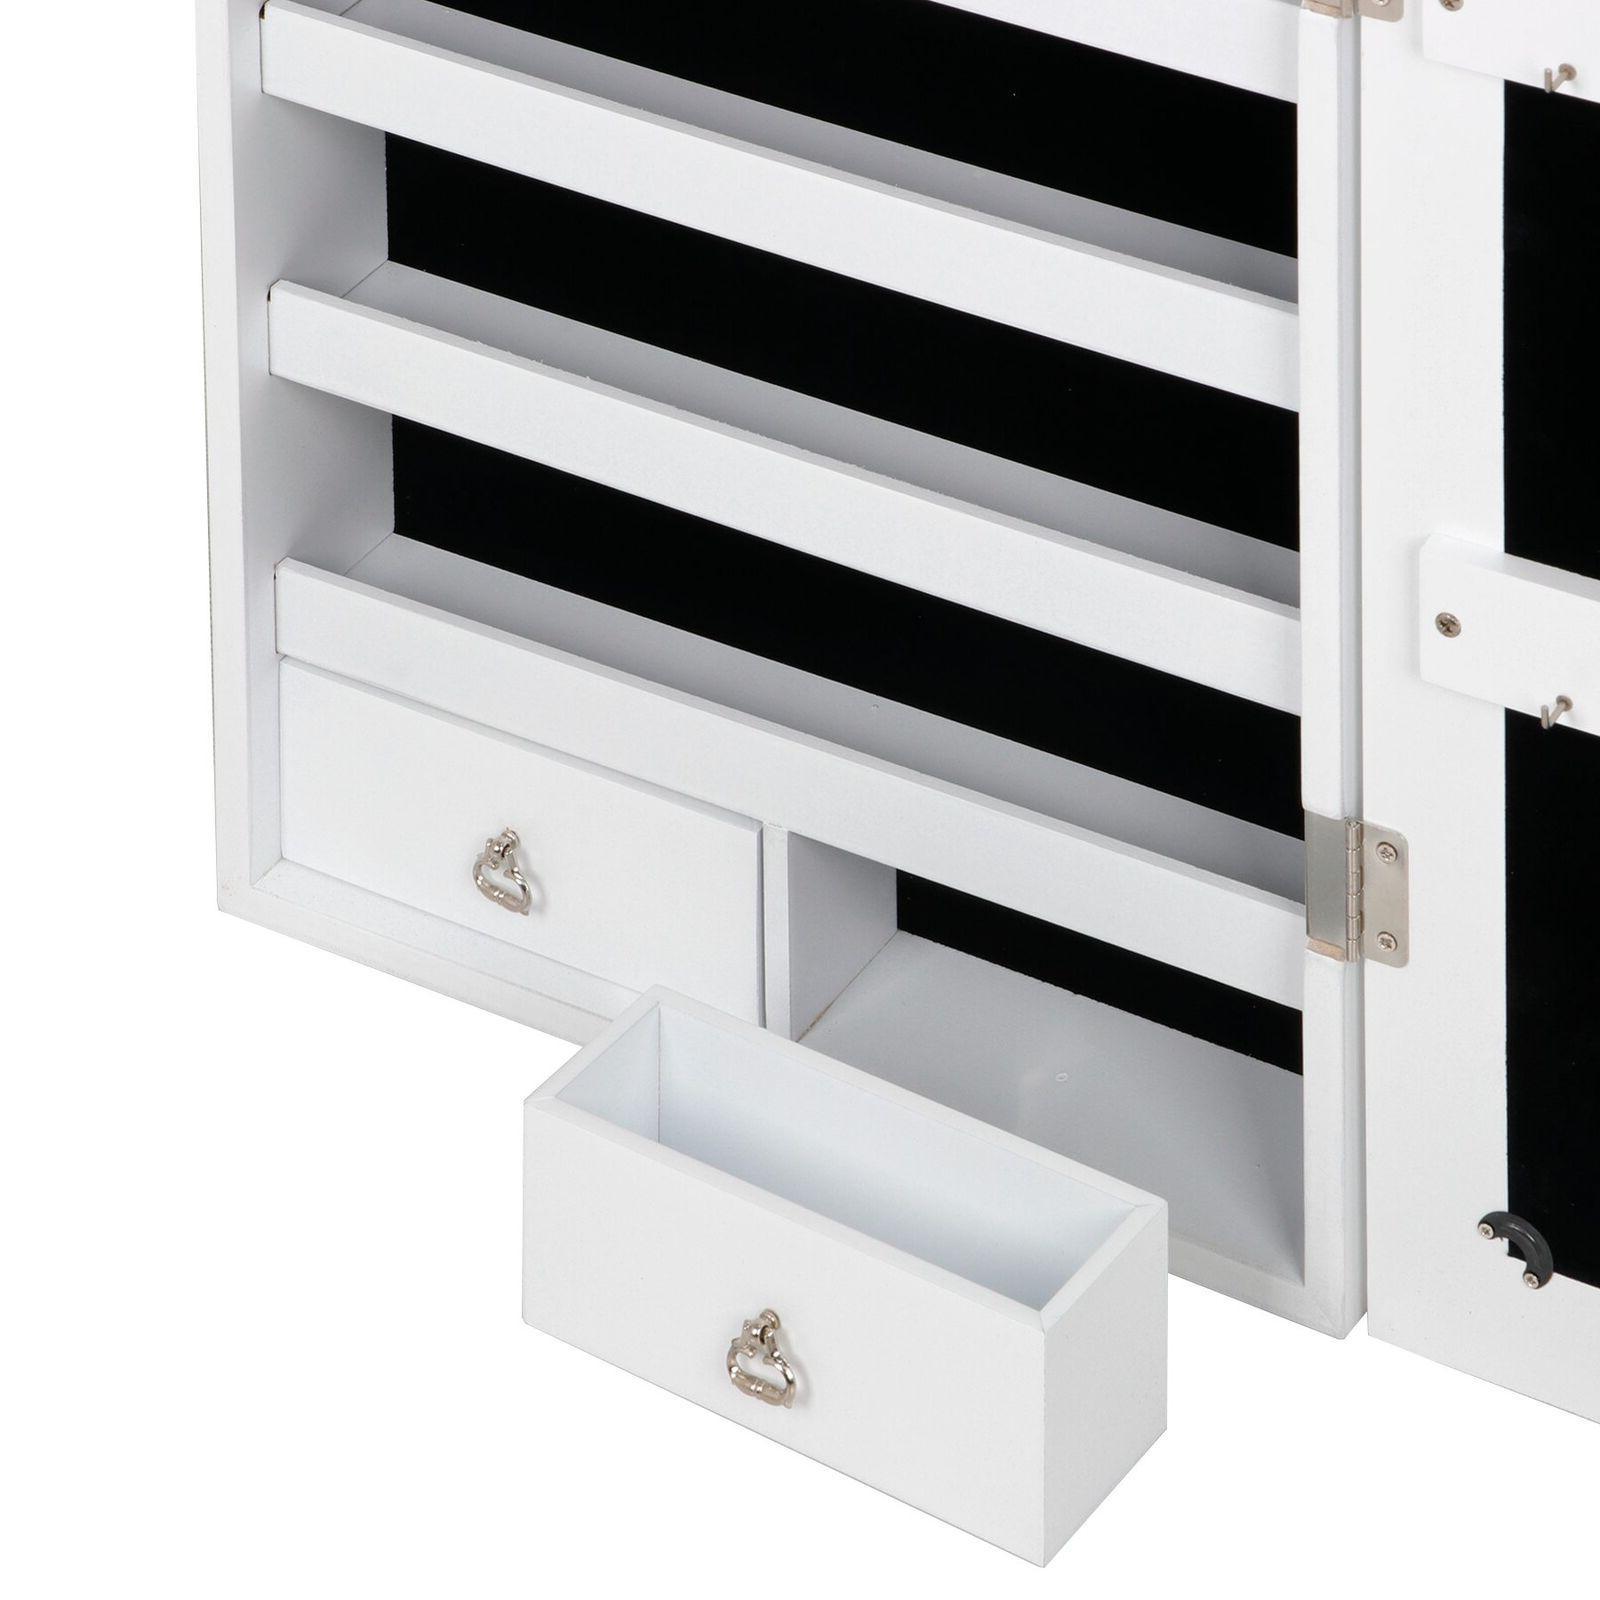 Mirrored Jewelry Cabinet Storage White Finish